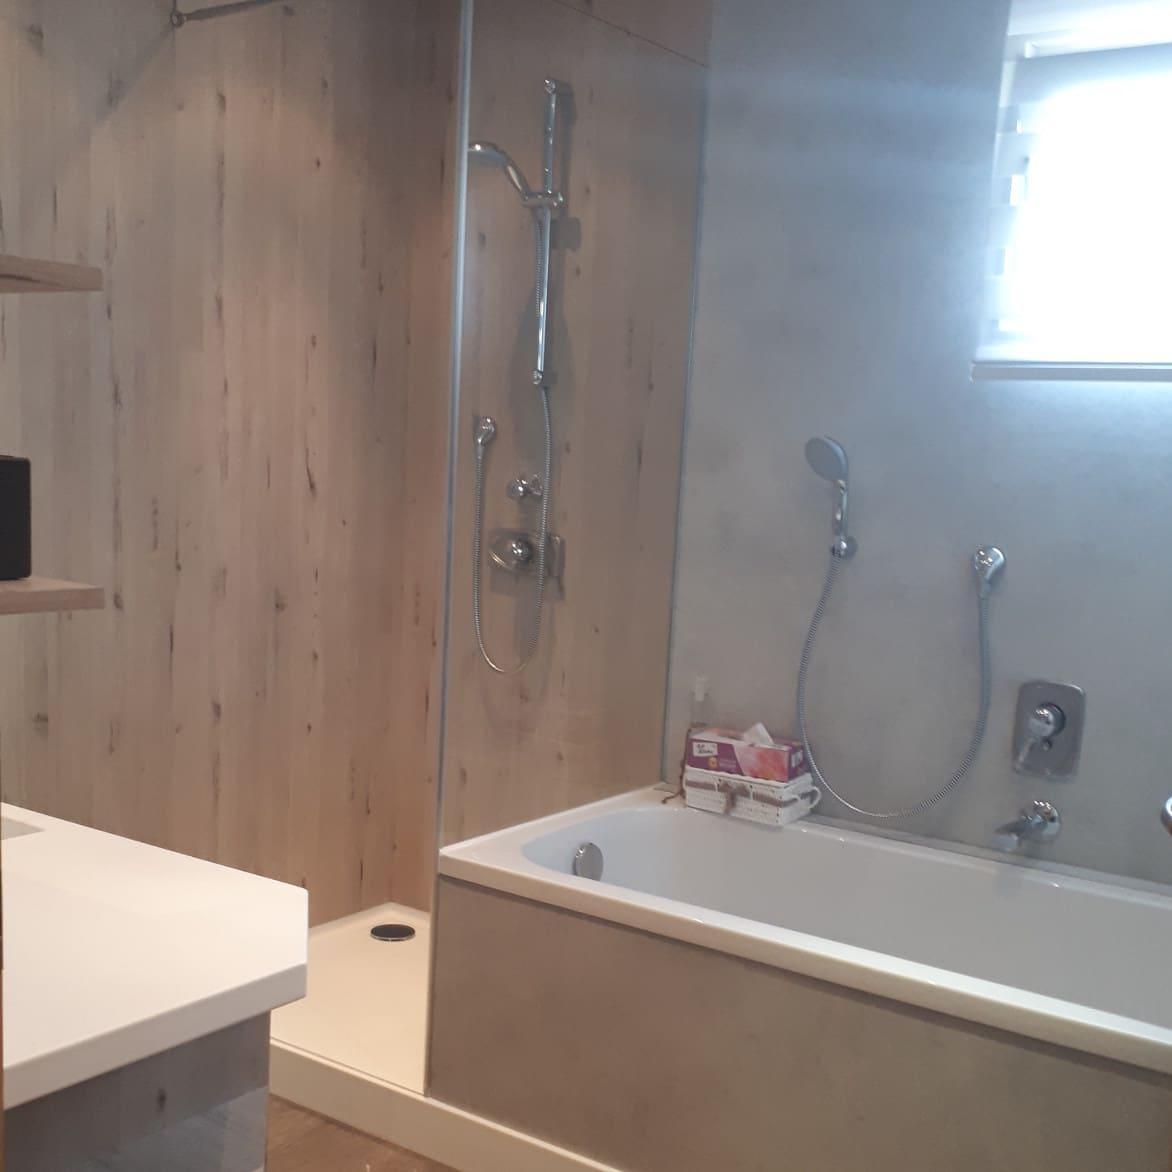 renovierung badezimmer vorher und nachher with renovierung badezimmer excellent bad. Black Bedroom Furniture Sets. Home Design Ideas